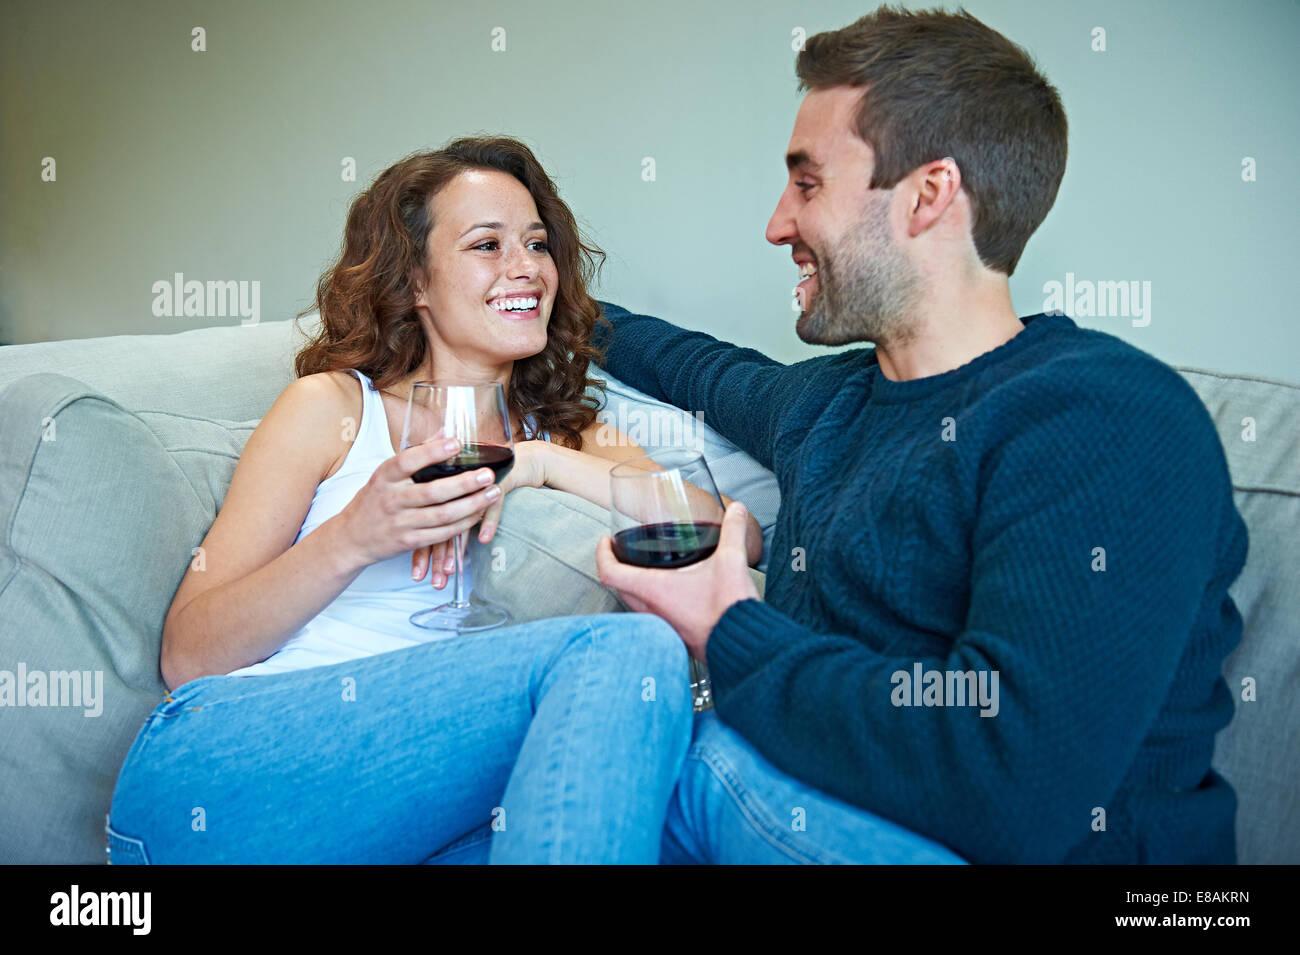 Couple enjoying wine on sofa - Stock Image